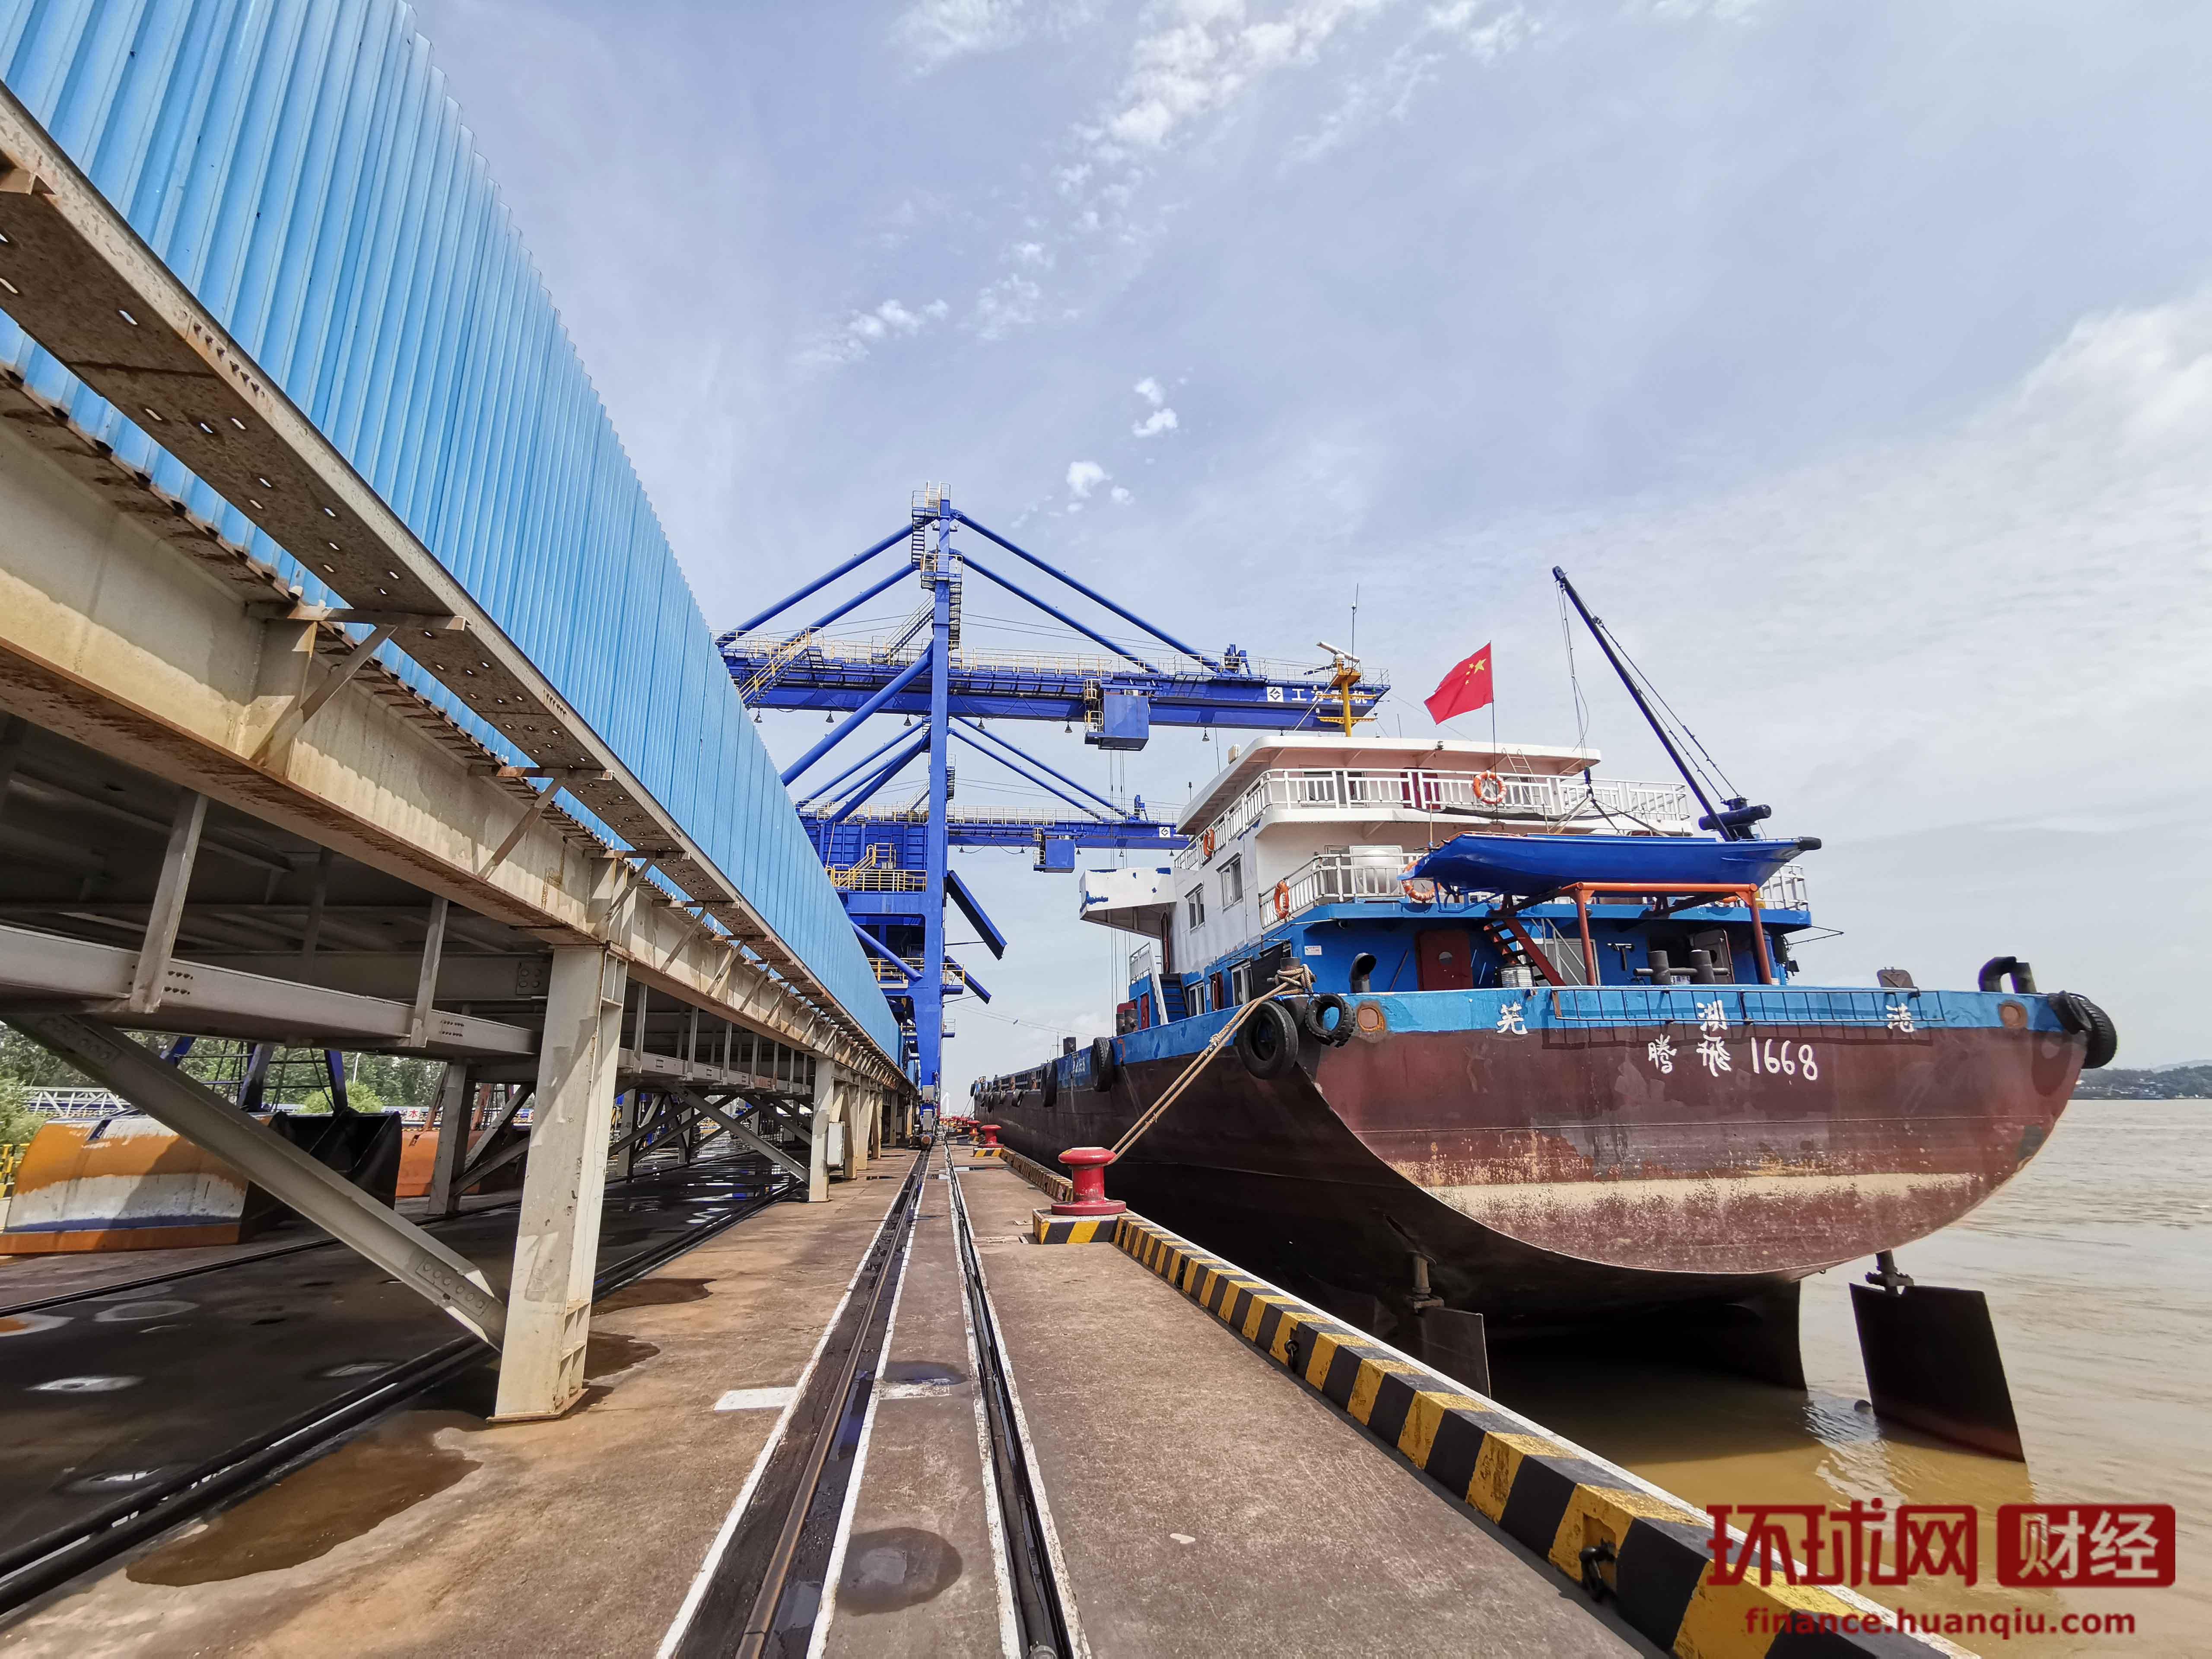 黄石新港加快转型升级 打造公路、铁路、水路多式联运